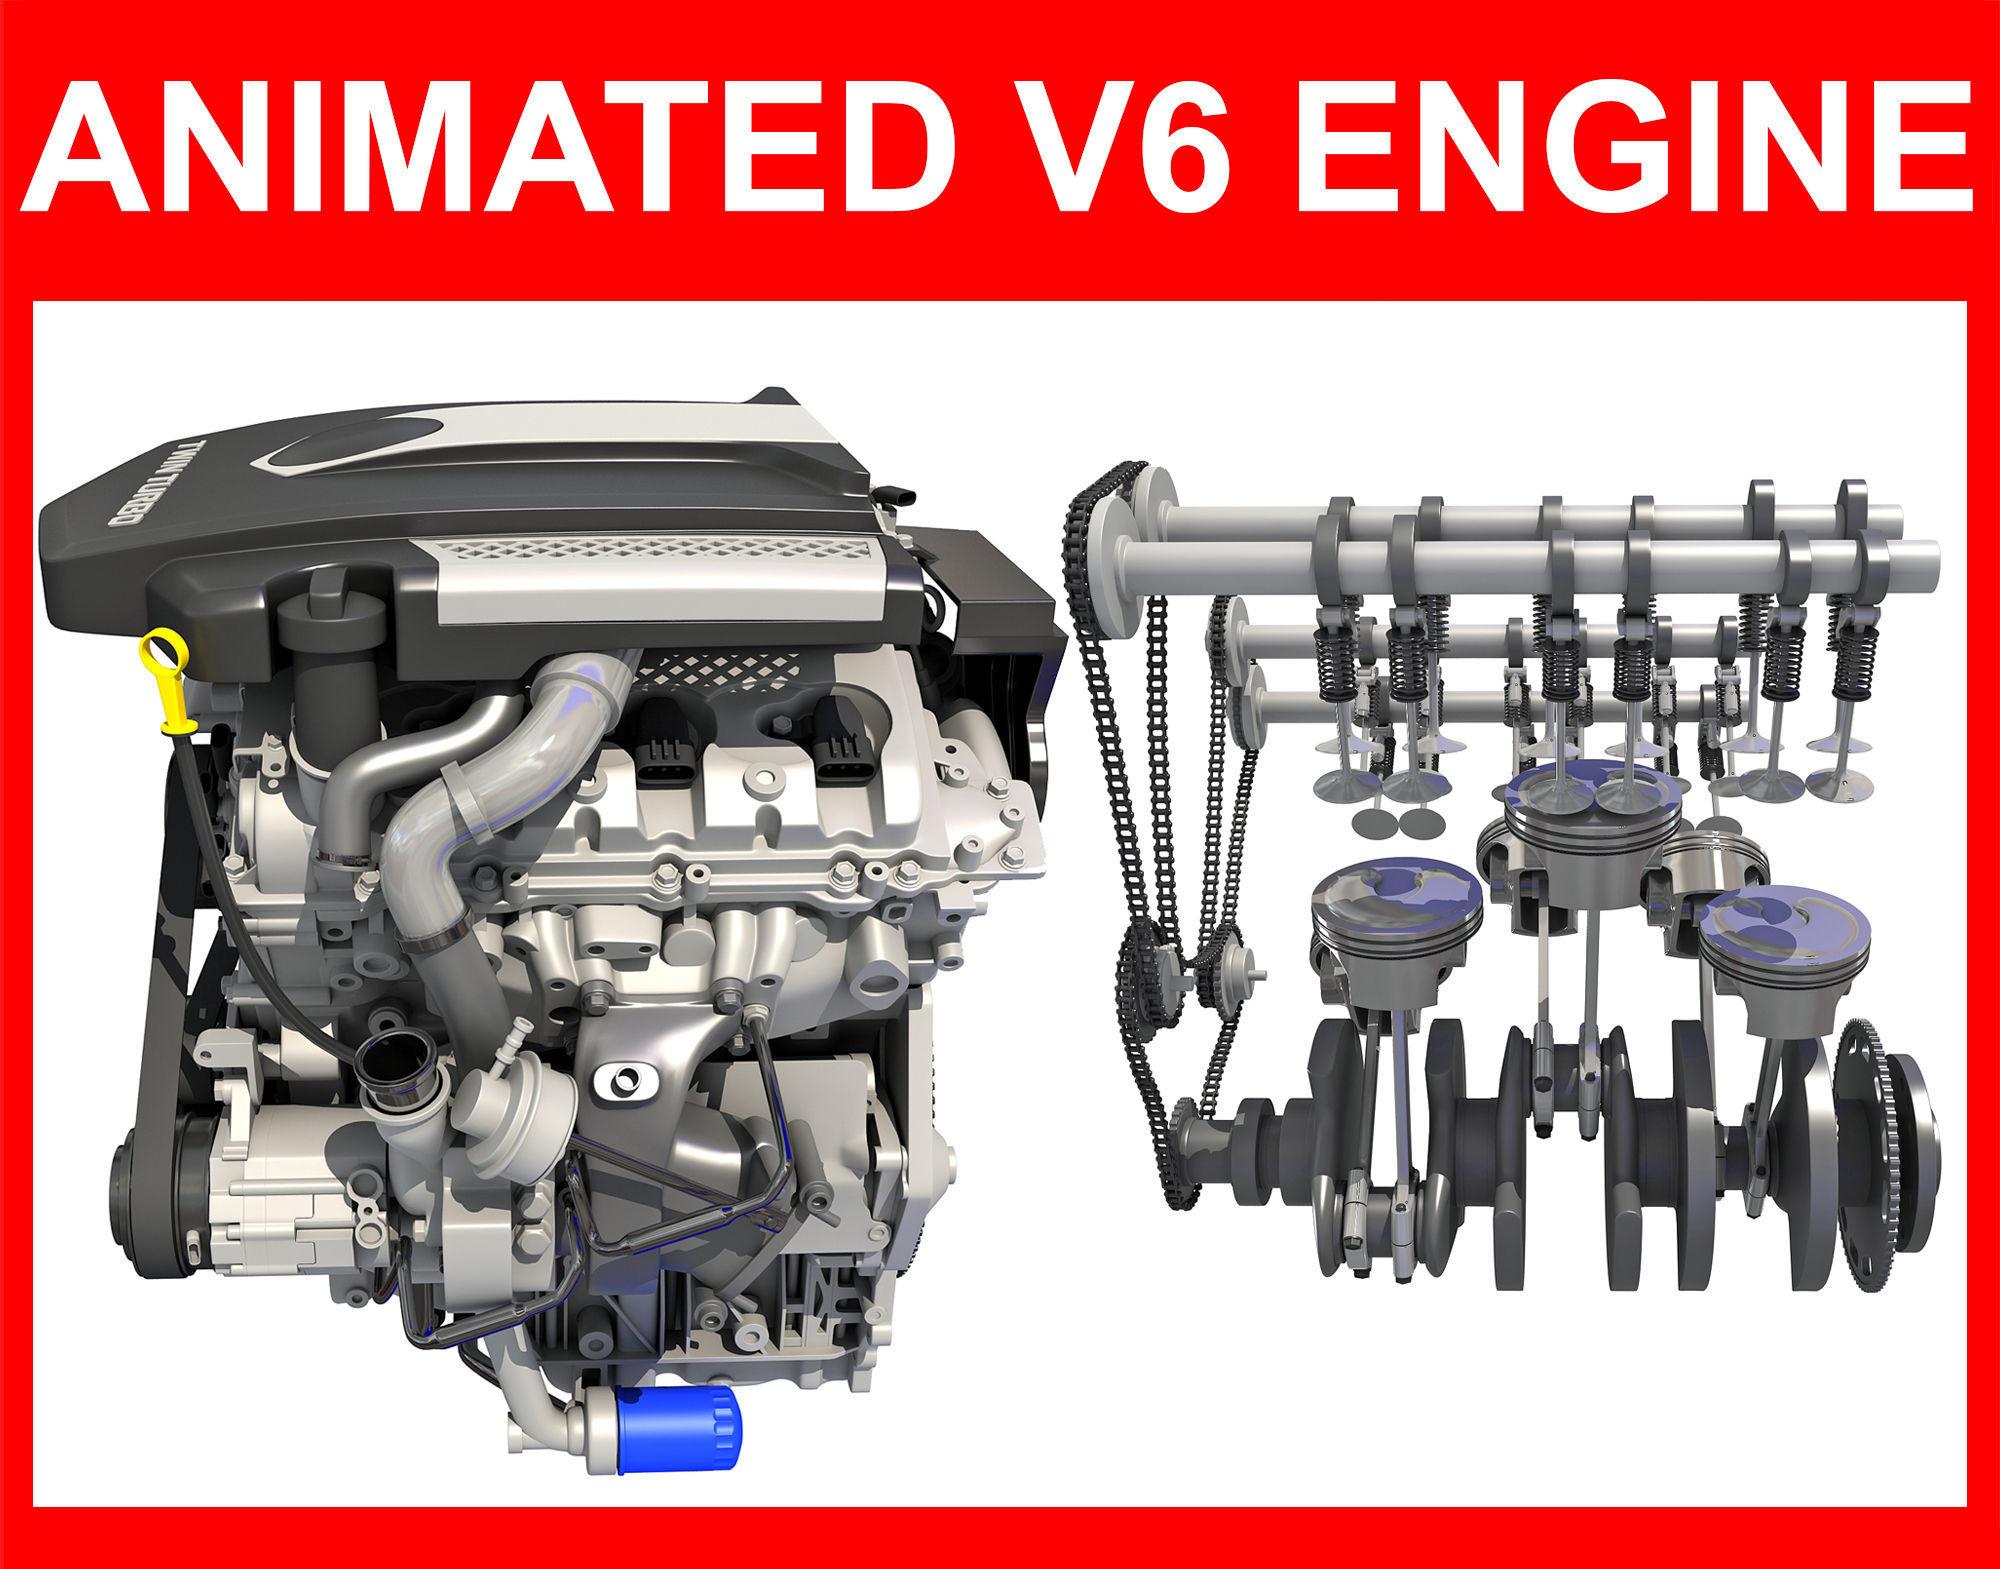 Animated V6 Engine